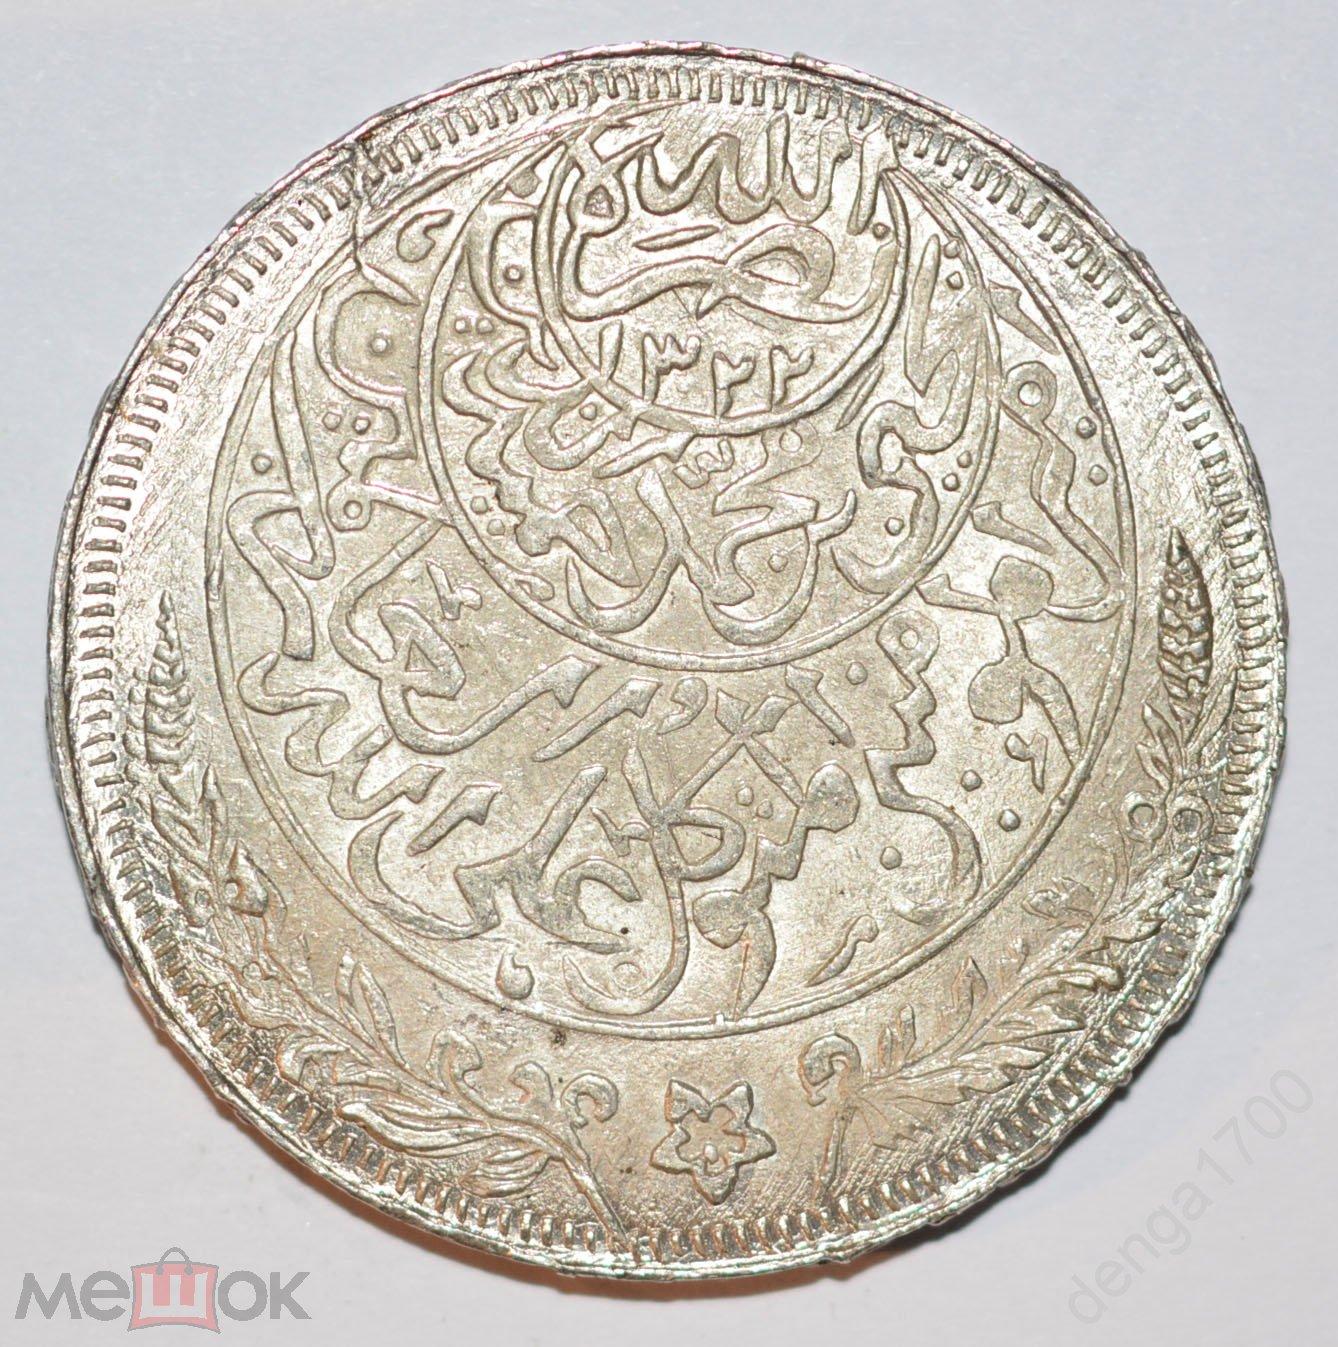 Йемен 1 реал 1924 года серебро, #459-055